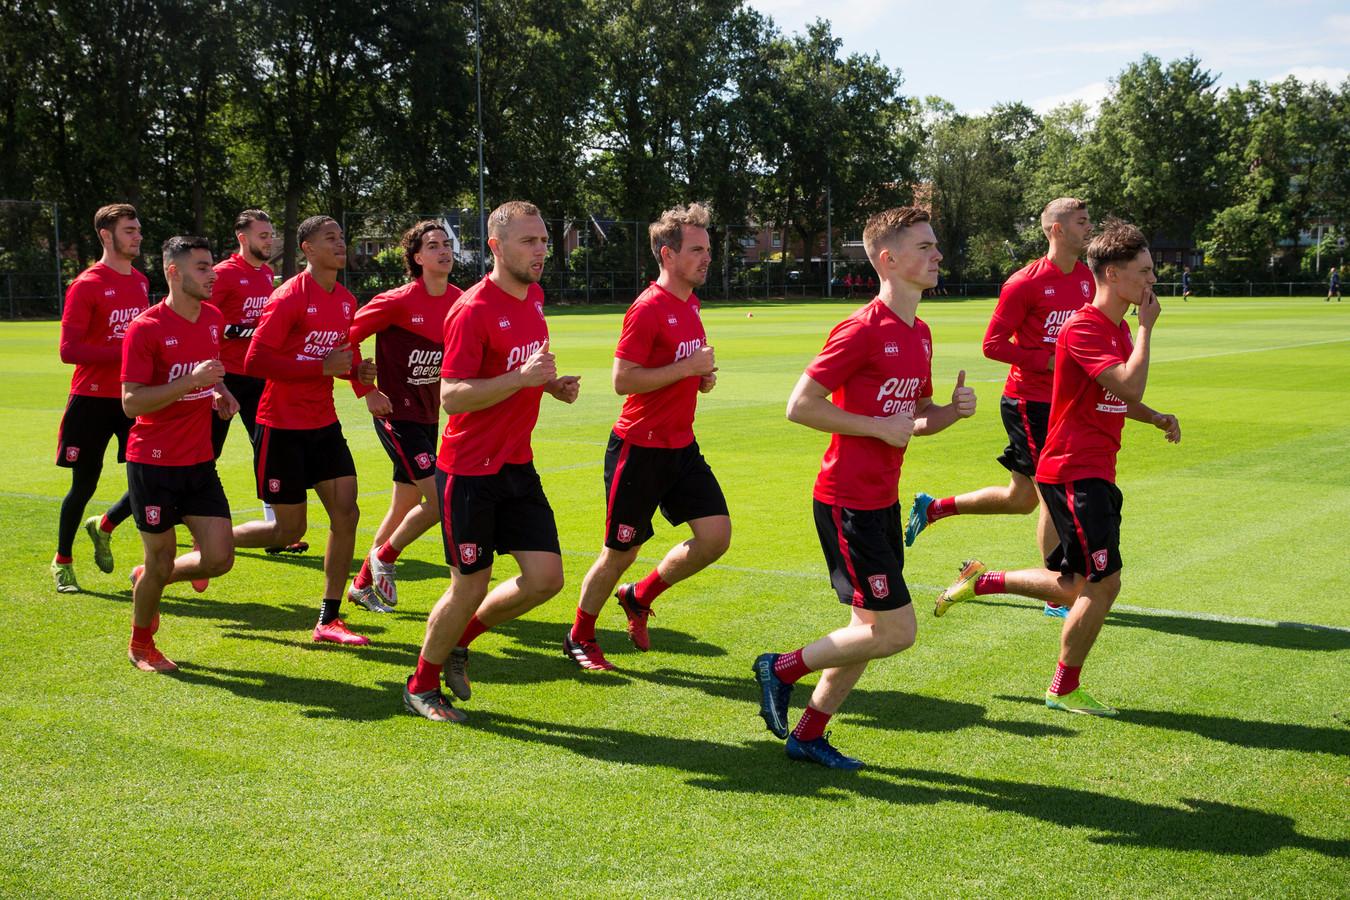 De jongelingen Daan Rots (links) en Tijs van Leeuwen (rechts) lopen voorop in de duurloop bij FC Twente. Jaydon Oosterwolde is de middelste speler op de voorlaatste rij.